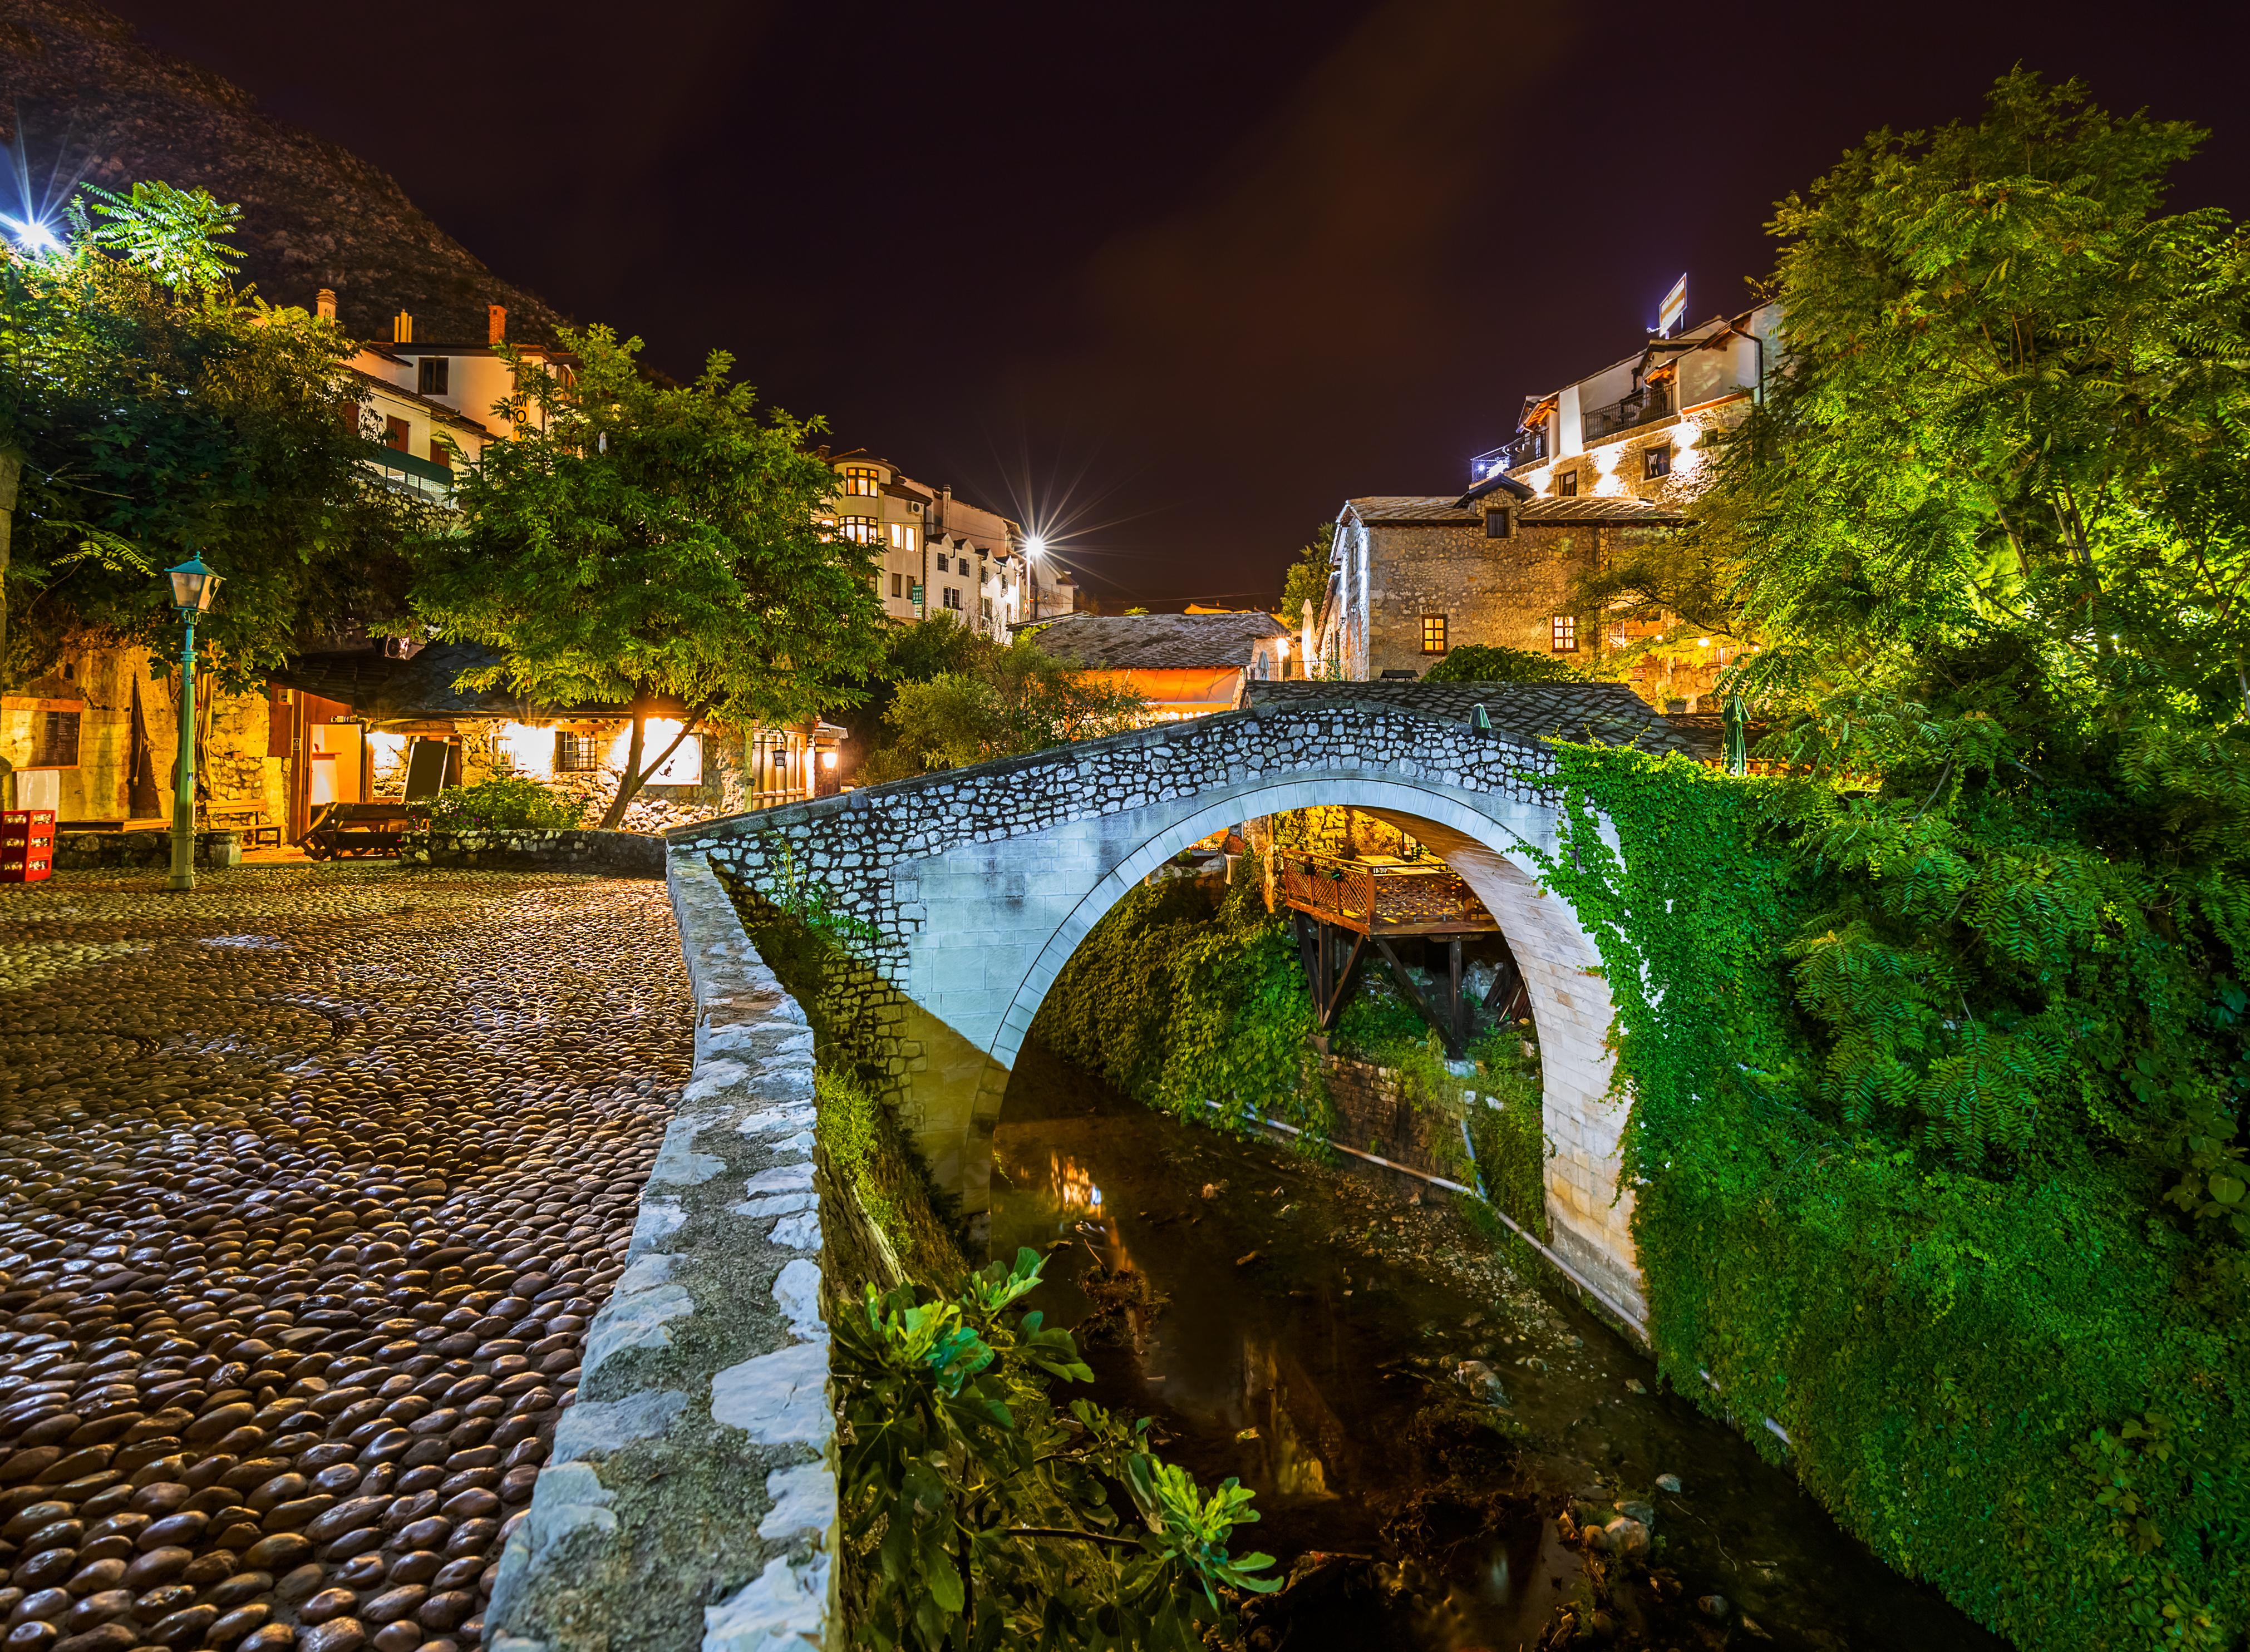 Visita la plaza más española de Mostar - Croacia Circuito Croacia Total: de Zagreb a Dubrovnik